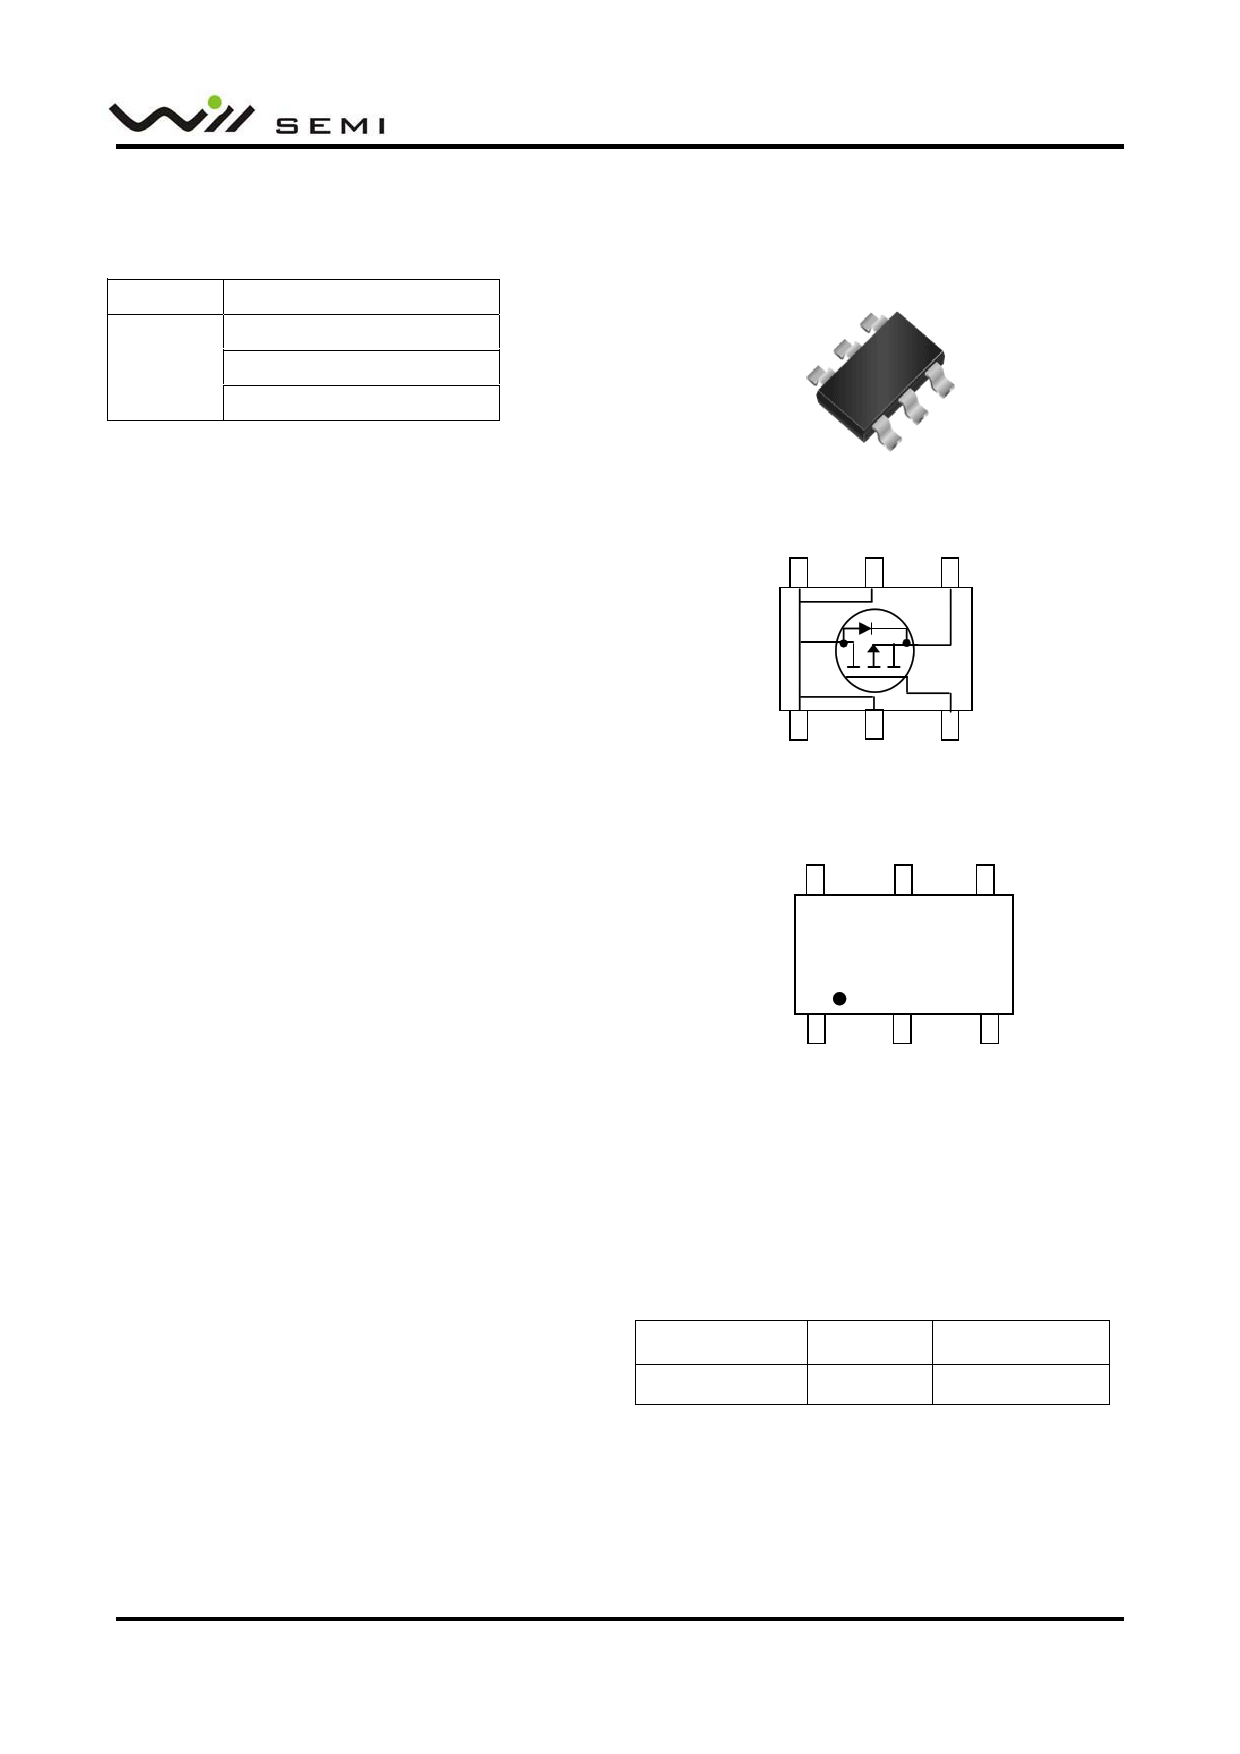 WPM2037 datasheet